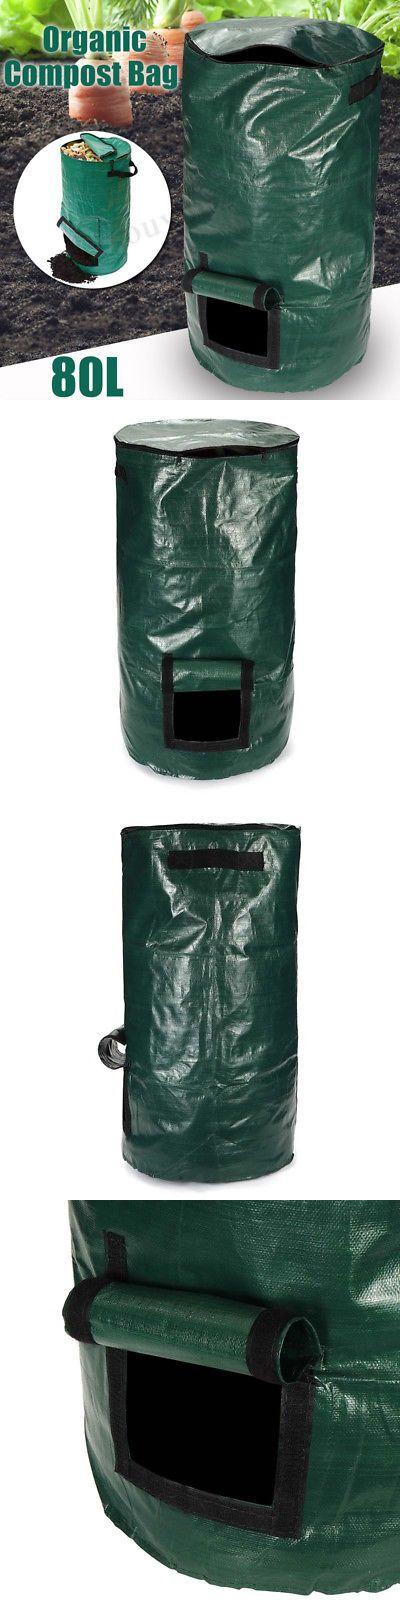 Garden Compost Bins 181023 80l Compost Bin Compostable Bag Garden Kitchen Organic Waste Disposal Composter Buy Compost Bags Organic Compost Waste Disposal